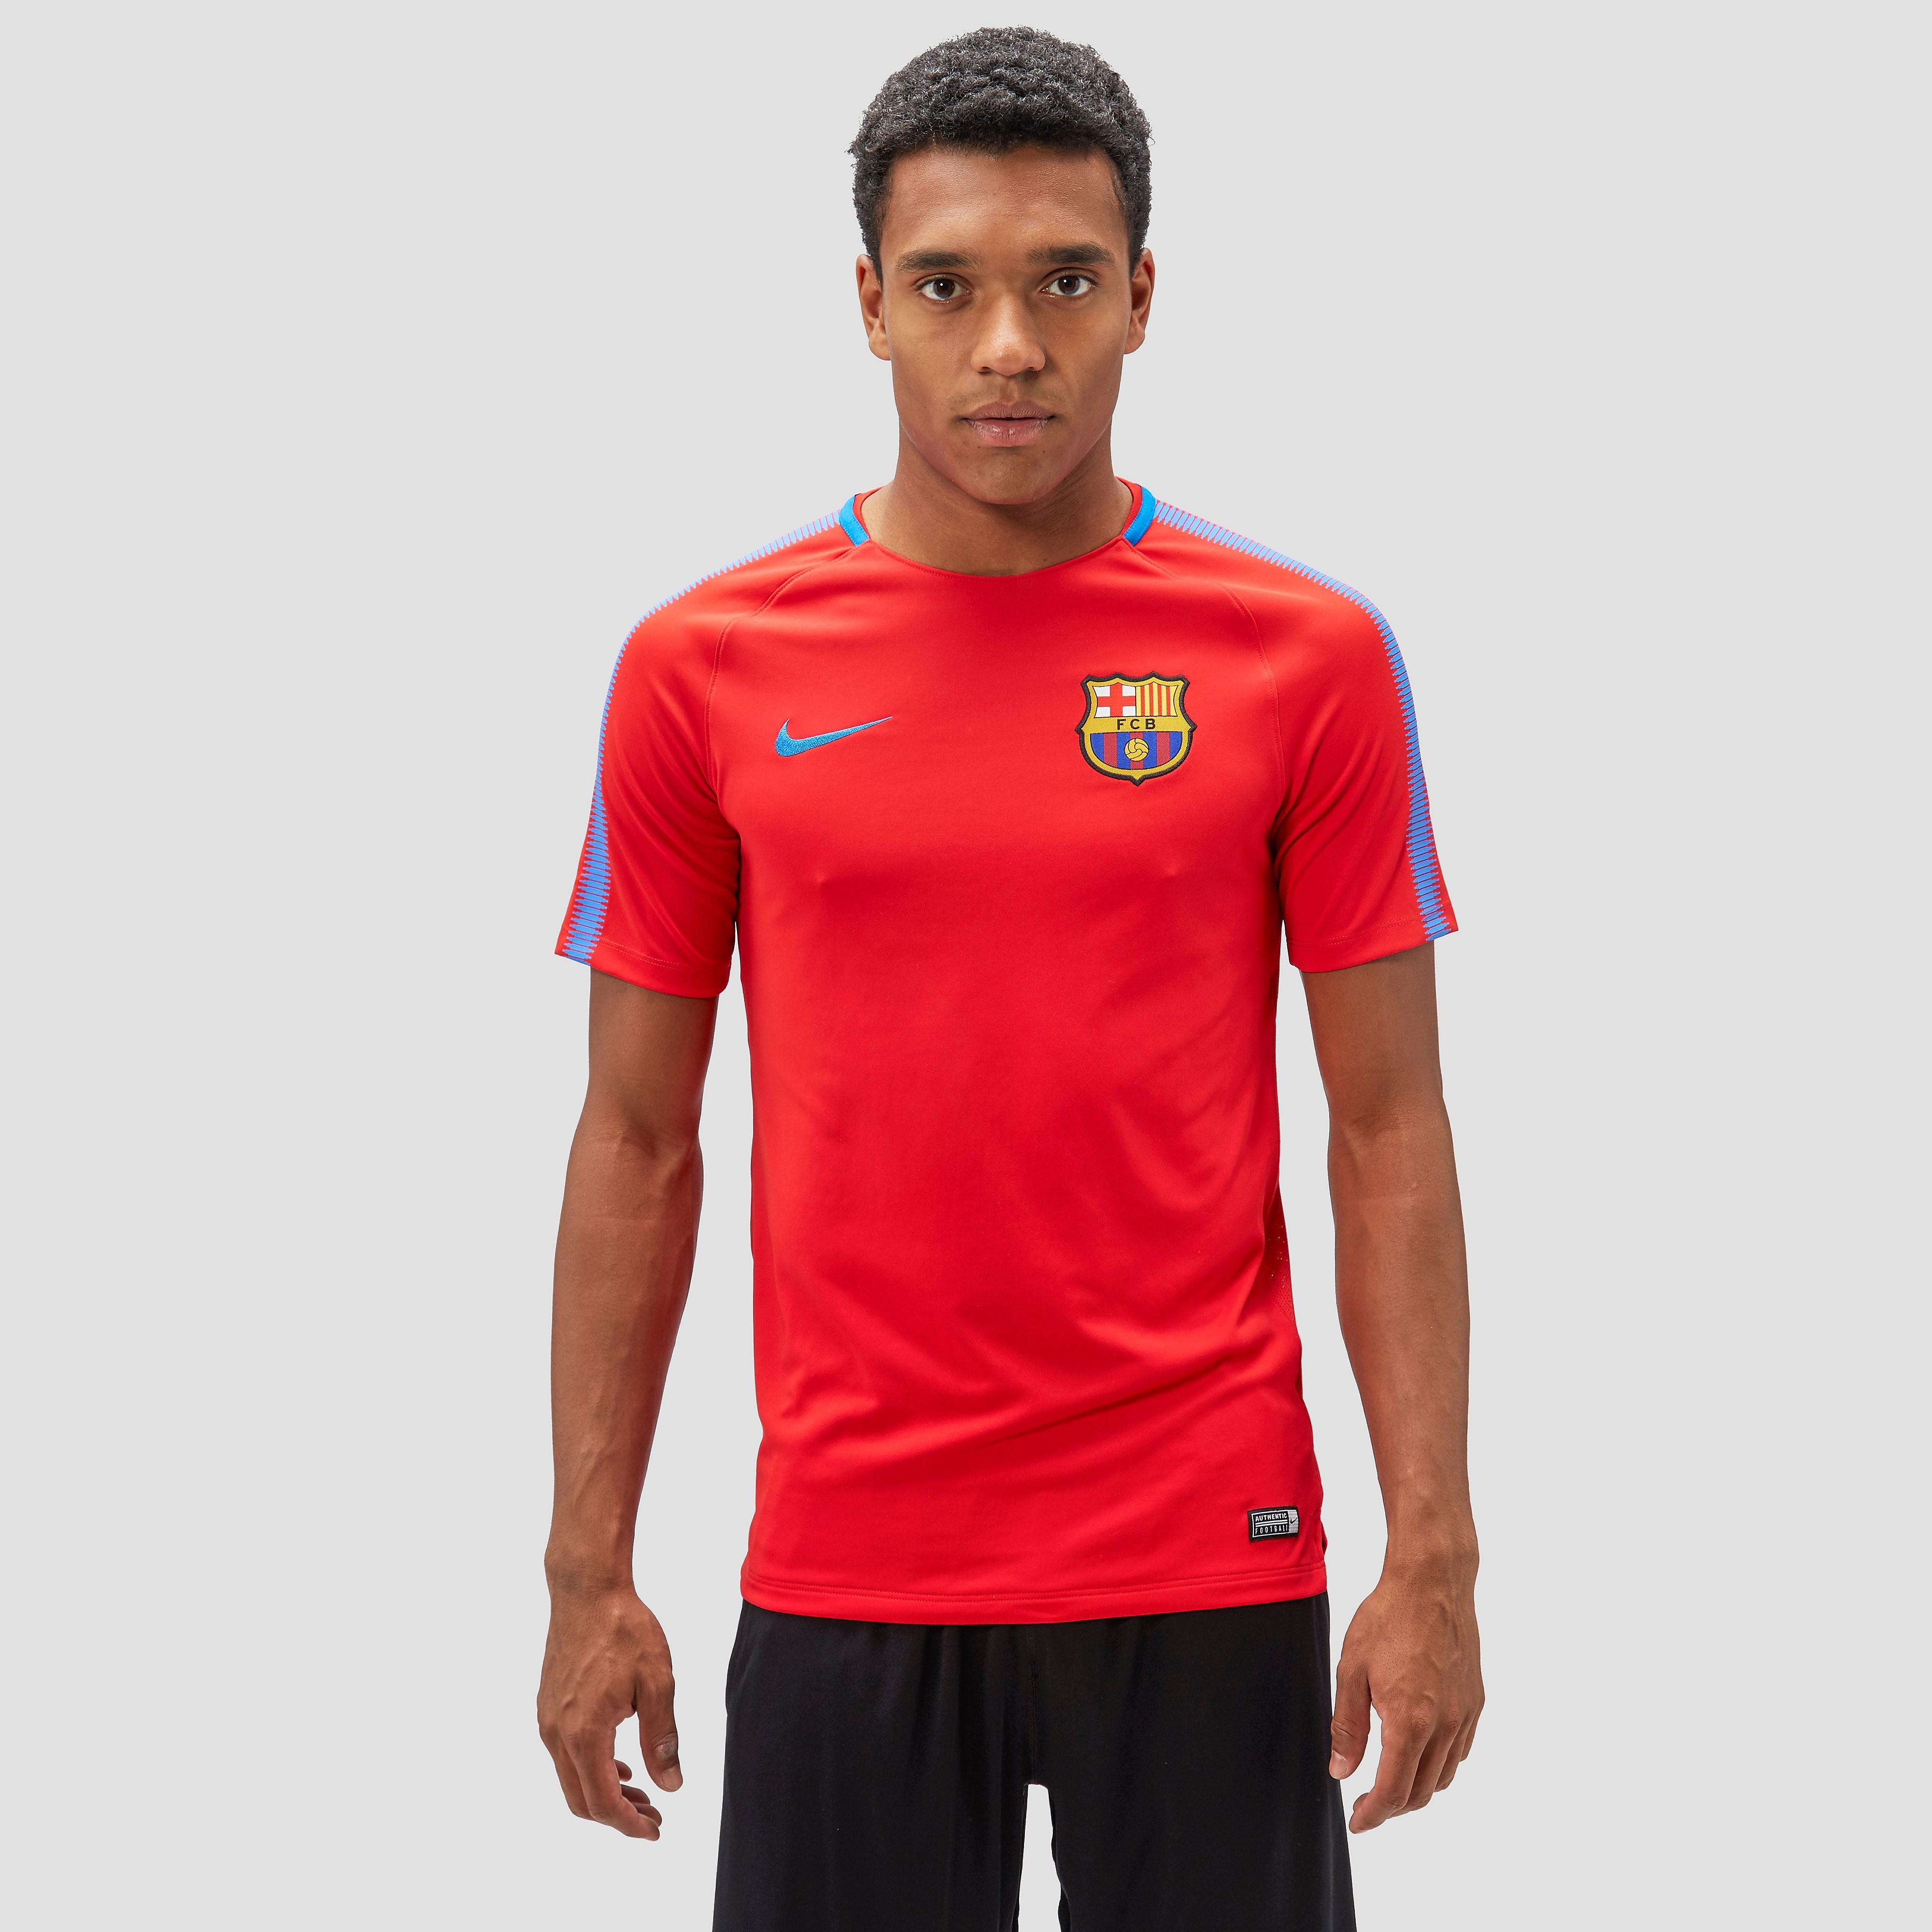 NIKE FC BARCELONA TRAININGSSHIRT ROOD HEREN